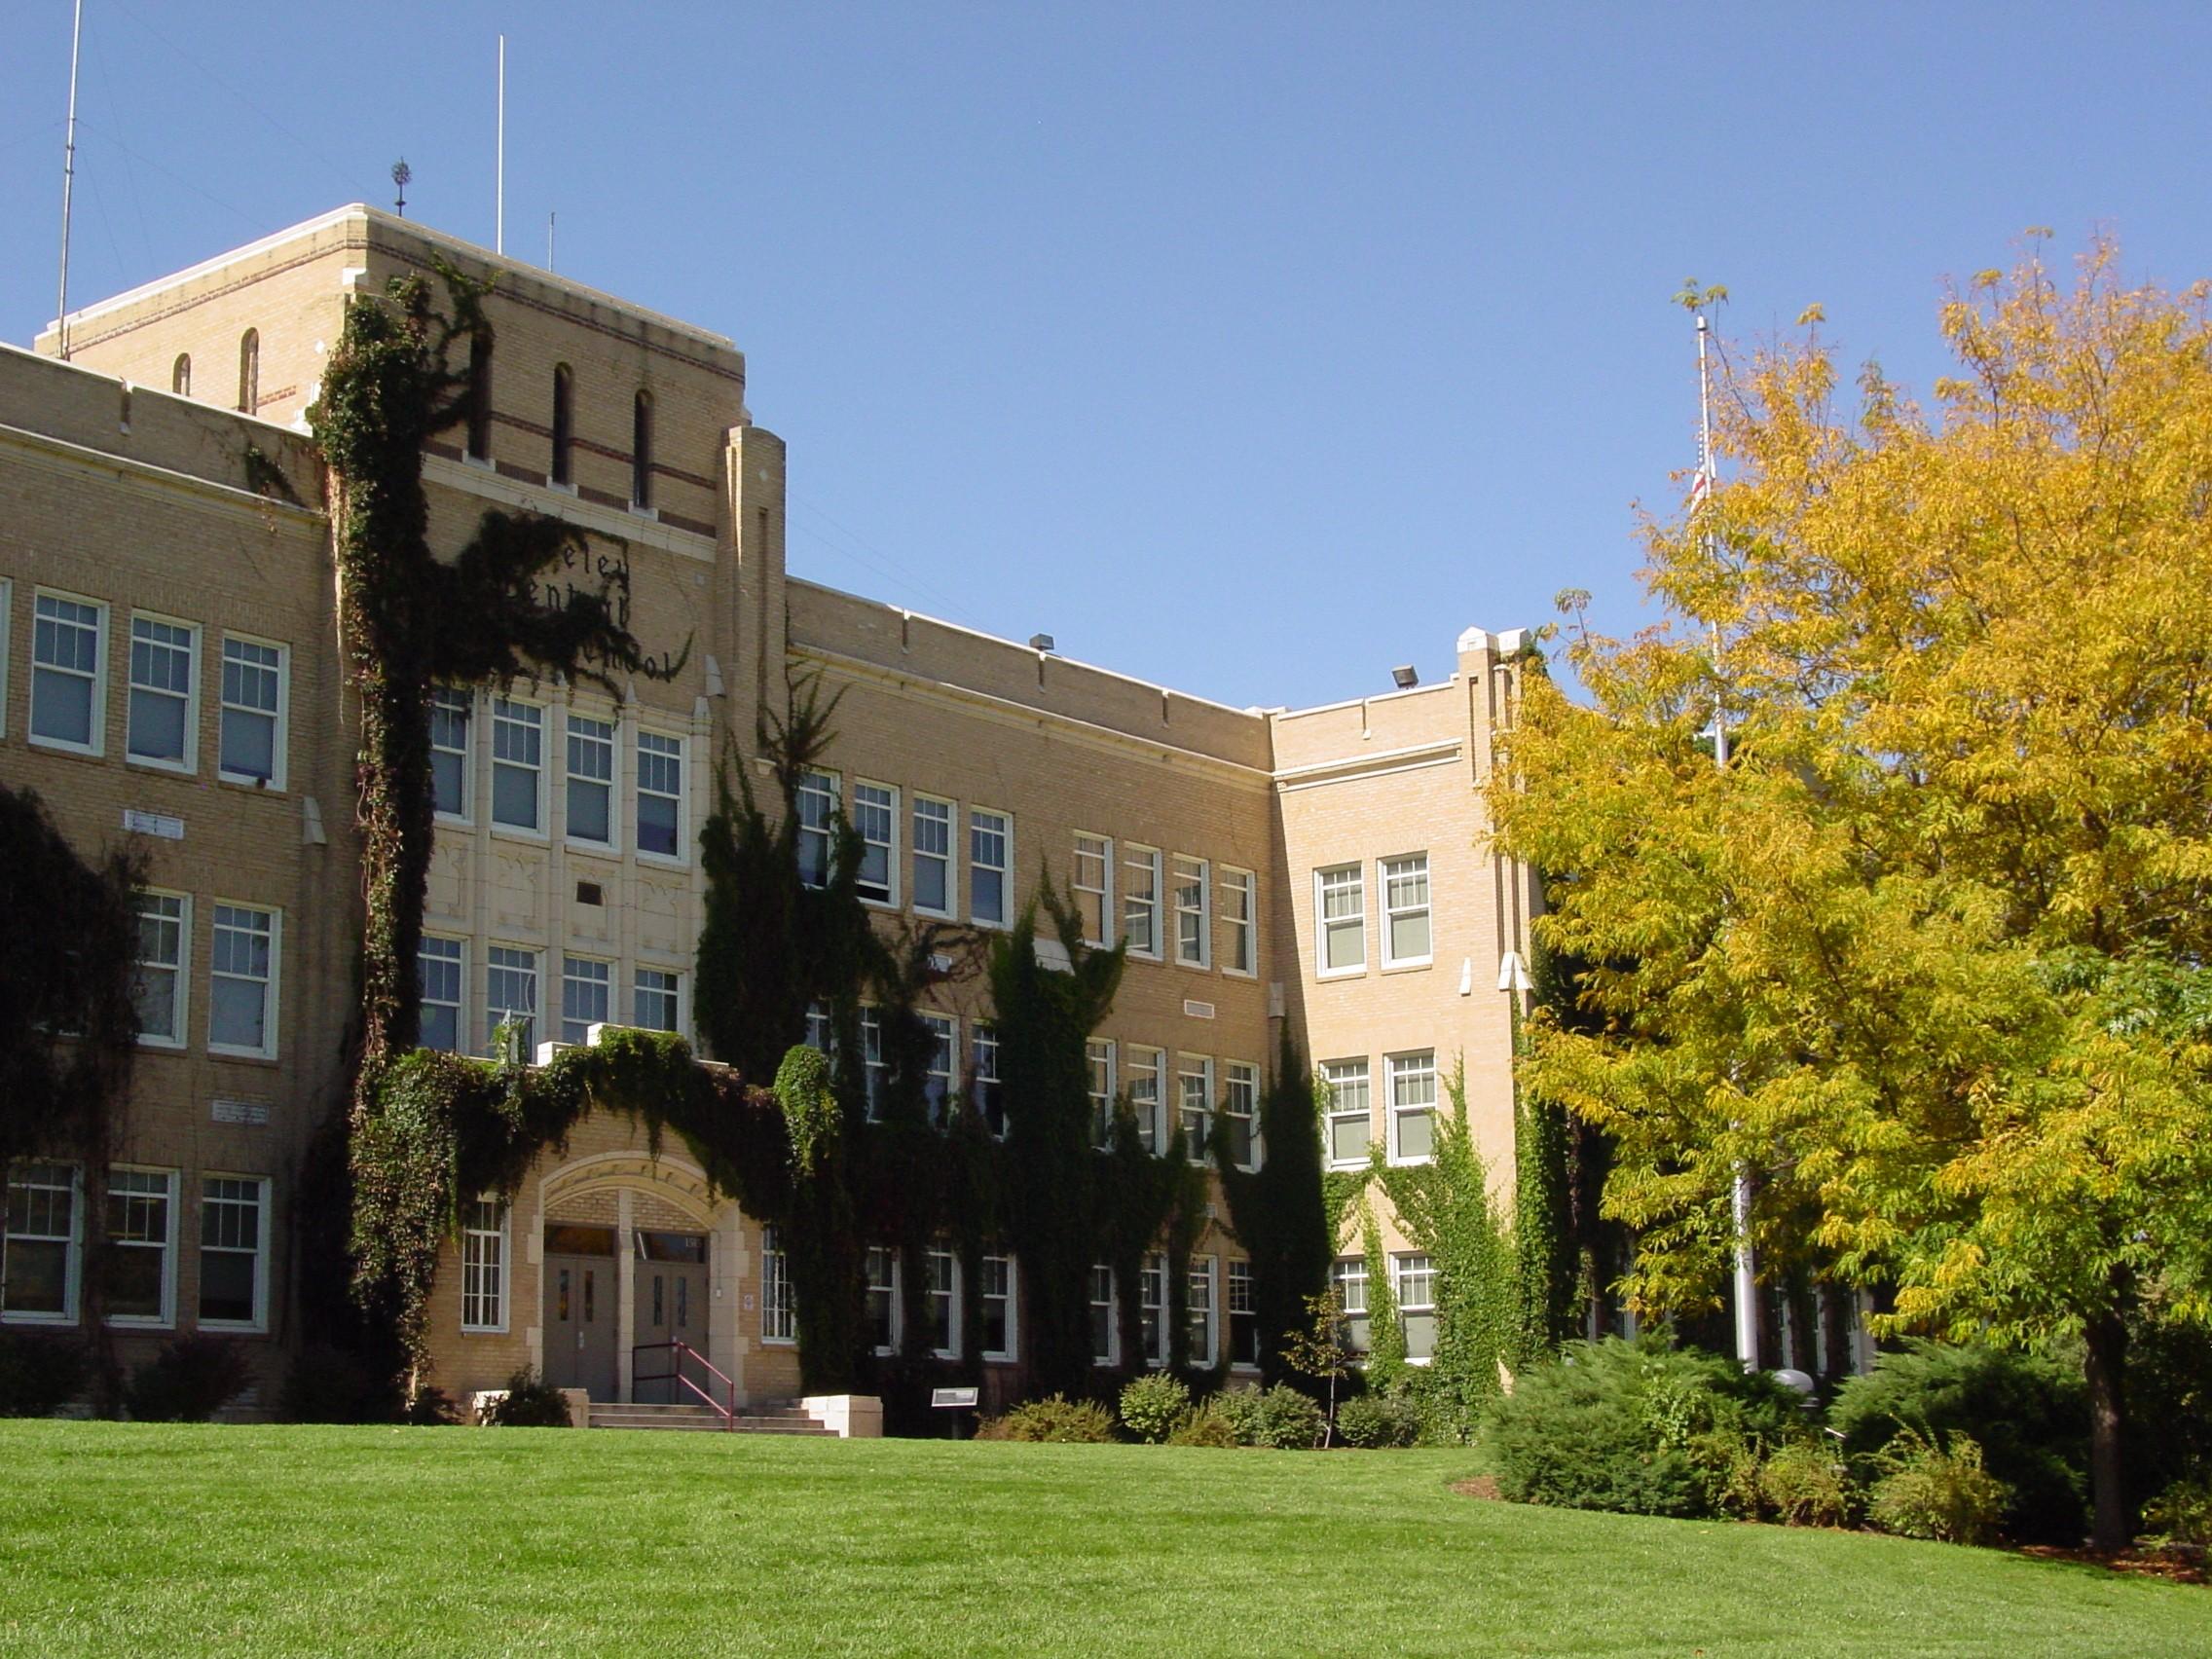 Greeley High School